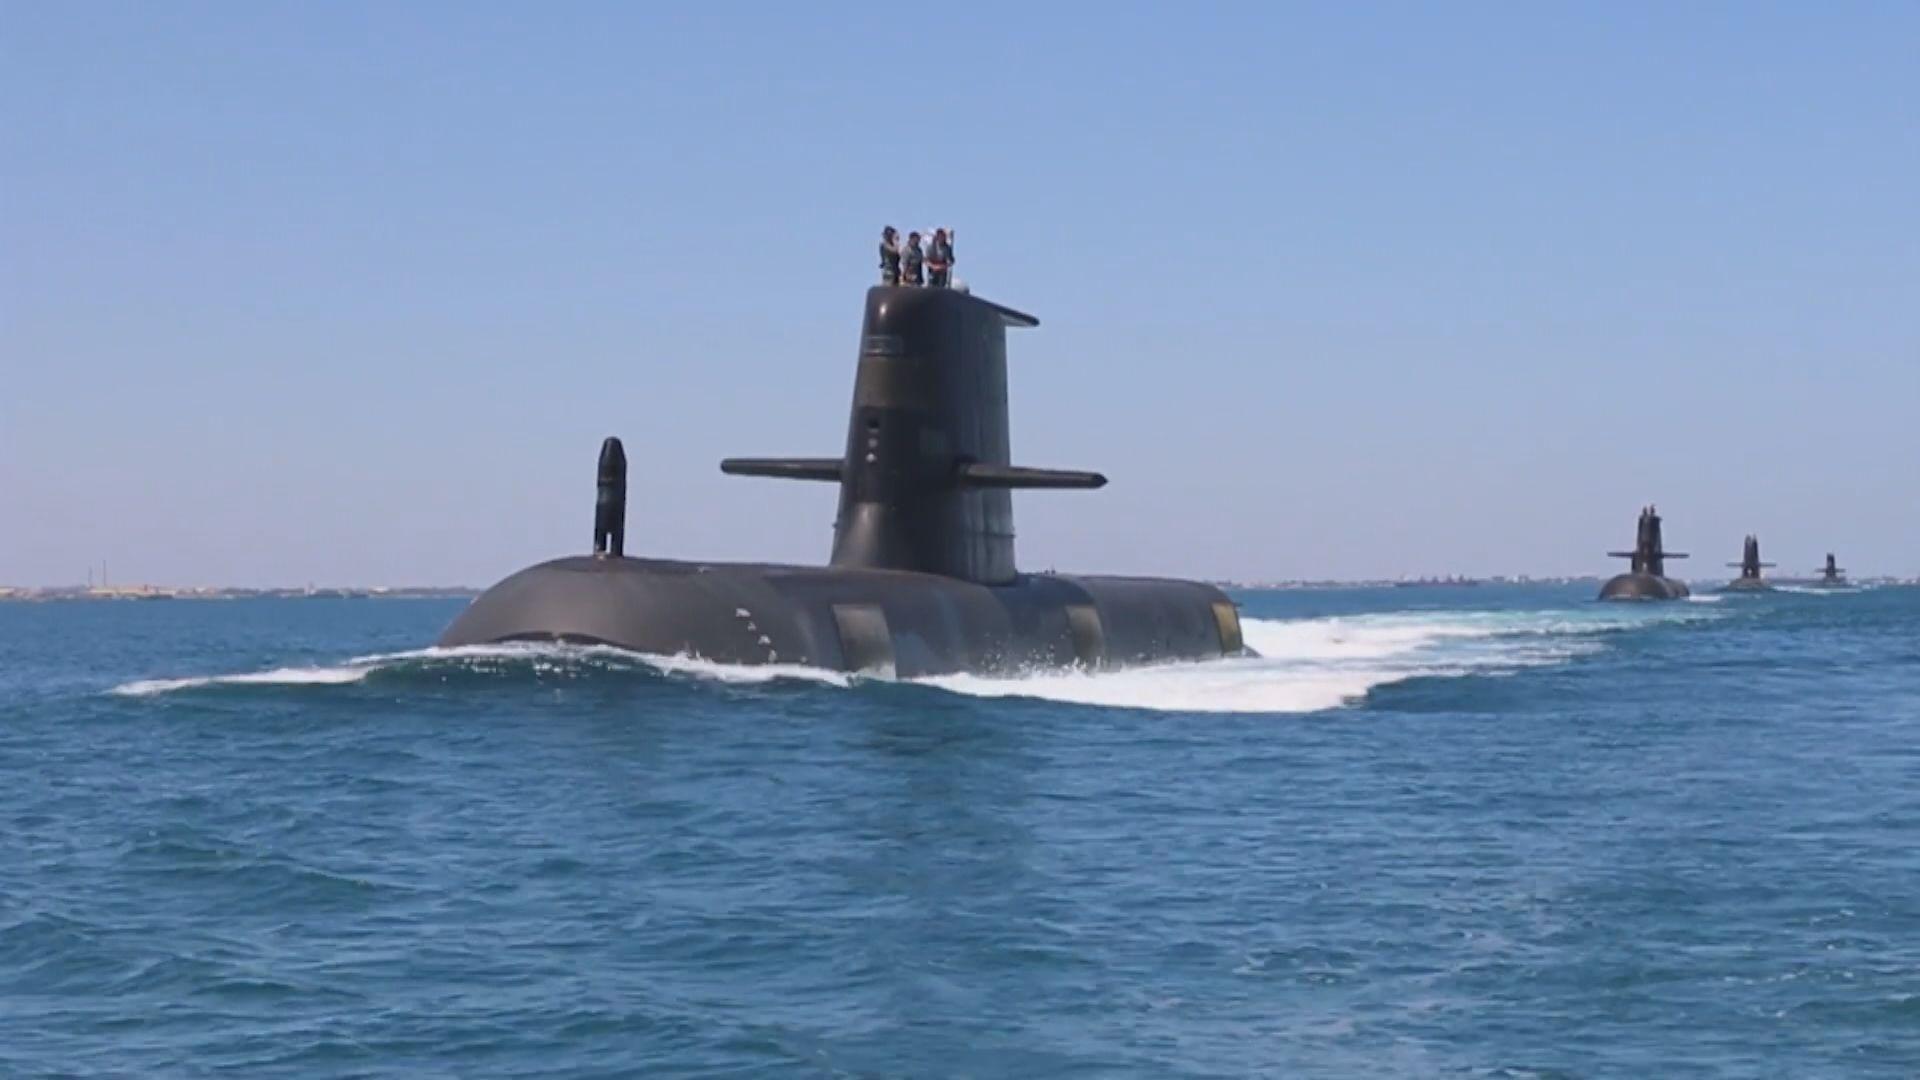 美英澳建印太安全夥伴關係 助澳造核潛艇